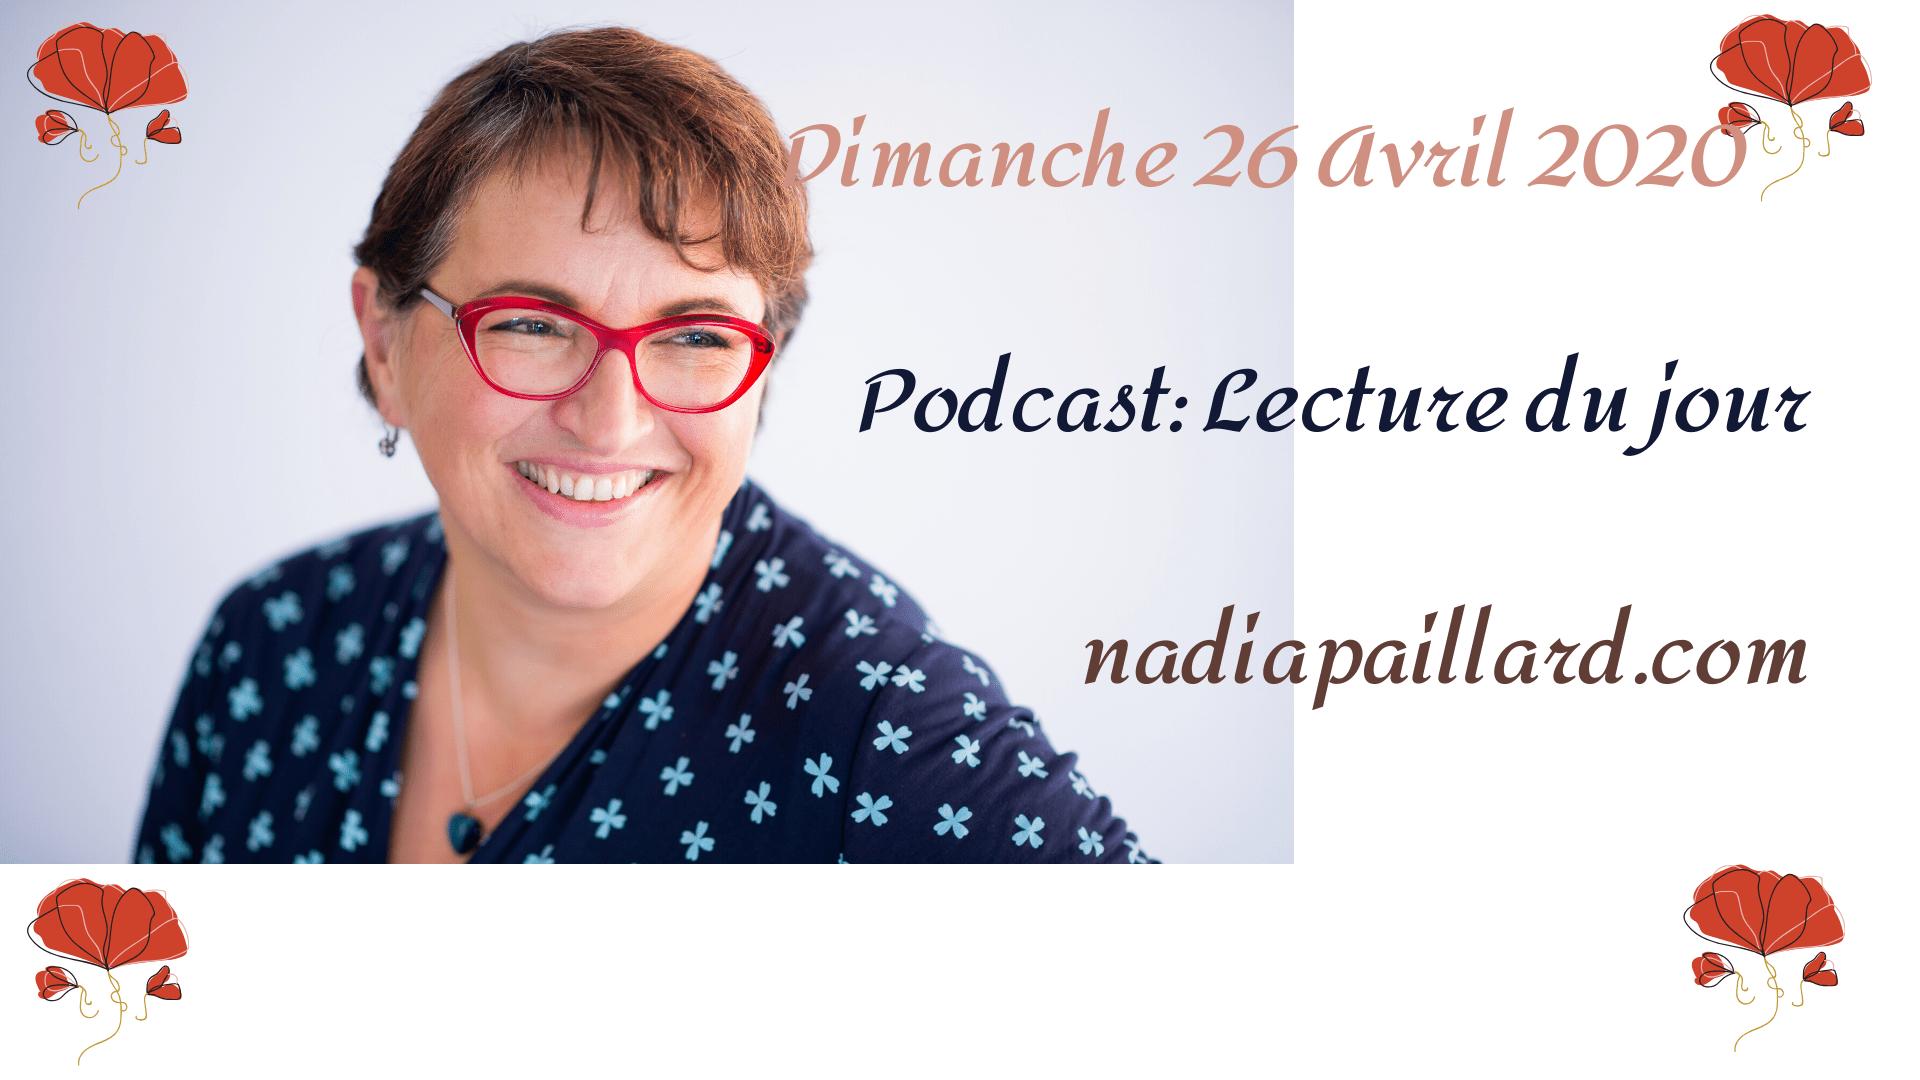 Podcast-Vidéo,Lecture du jour,Dimanche 26 Avril 2020 by Nadia PAILLARD Coach, fêtes à souhaiter, lecture de 2 extraits de livre